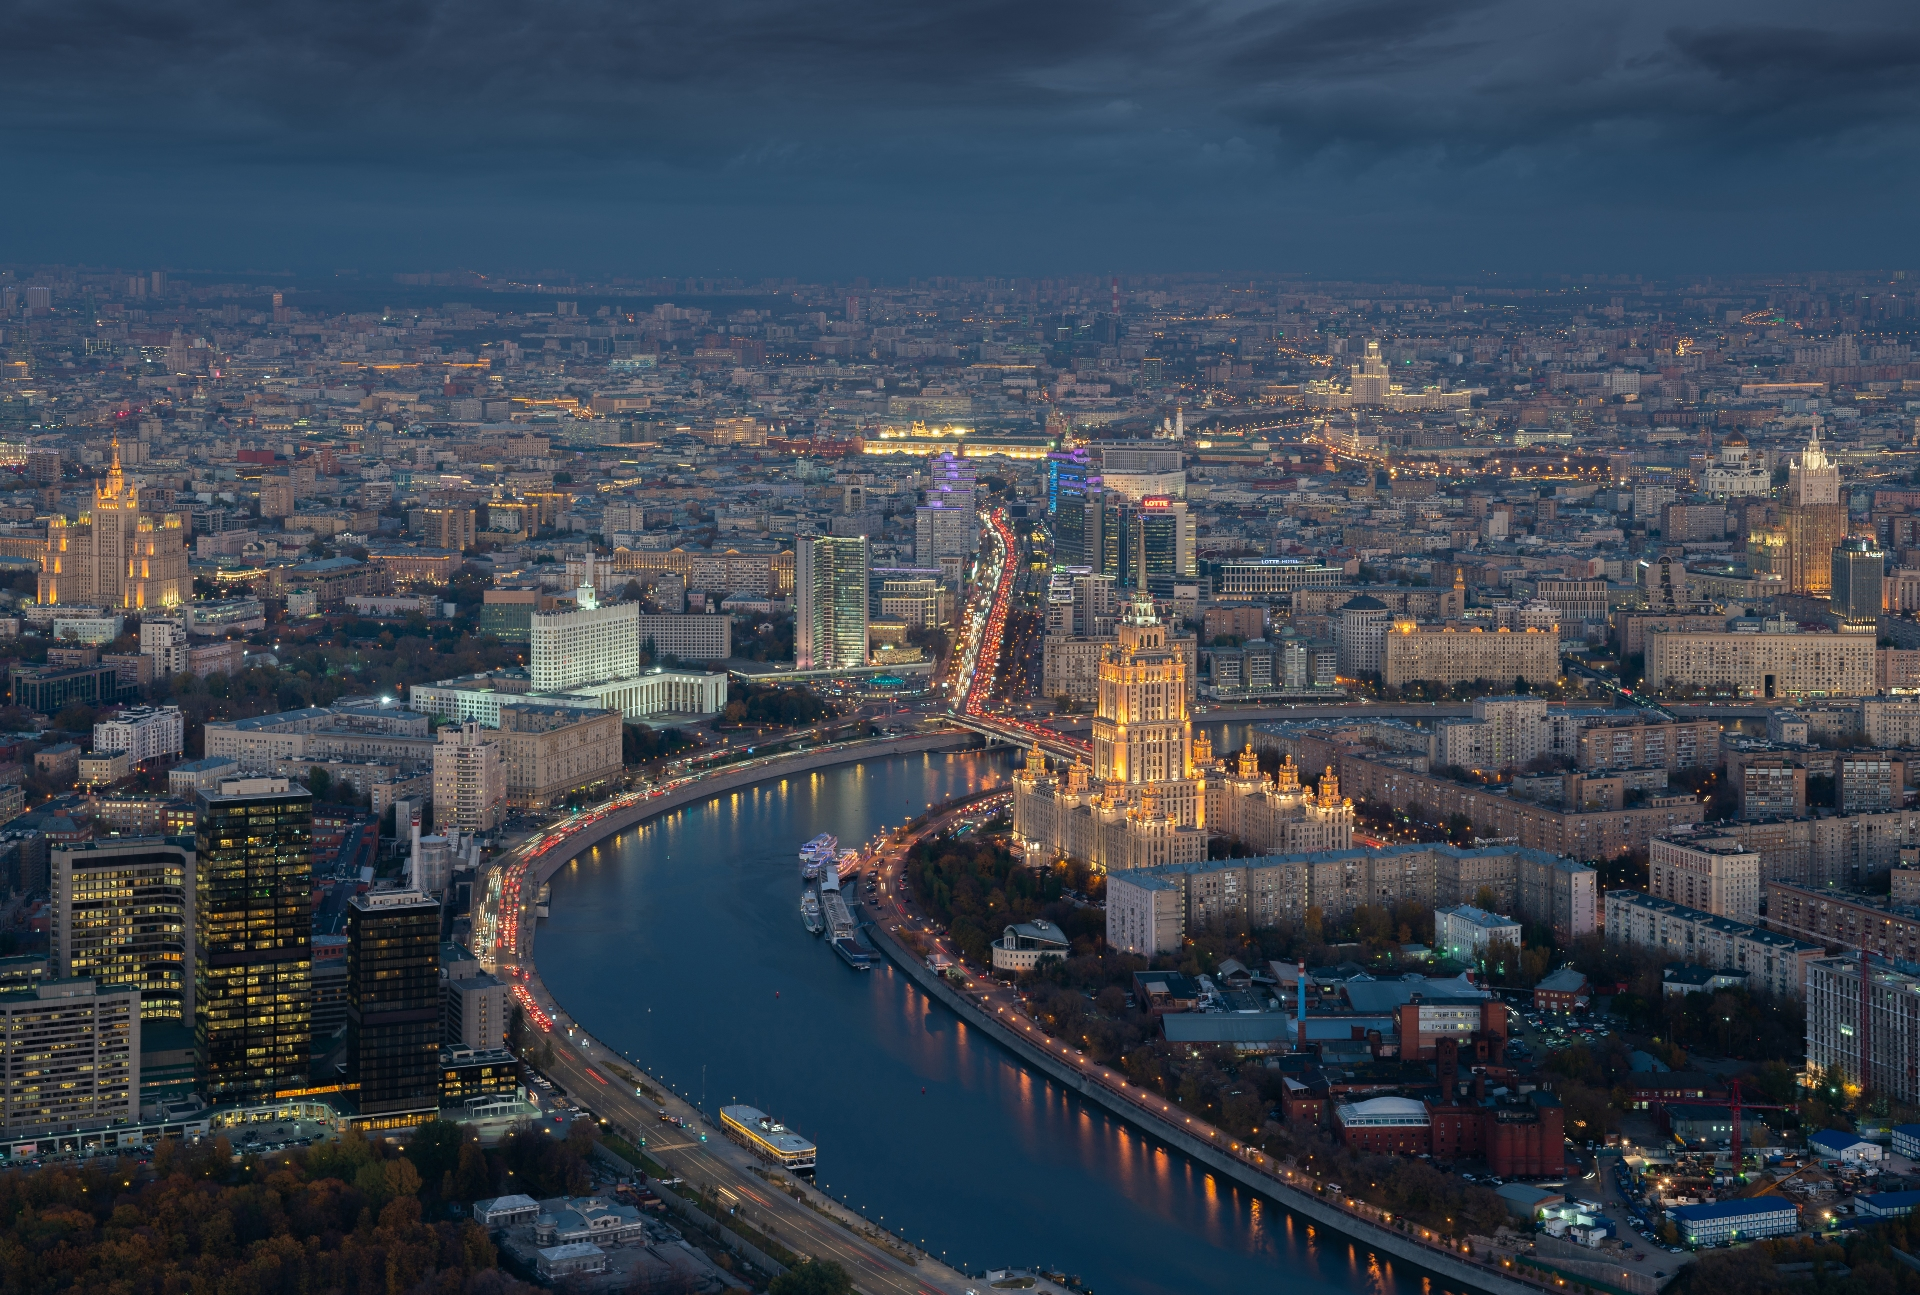 Сейчас минимальная цена квартиры в сталинских высотках составляет 21,5 млн руб. Во столько потенциальному покупателю обойдется квартира в жилой части гостиницы «Украина» площадью 35 кв. м (данные Savills). На фото: вид на высотку гостиницы «Украина»